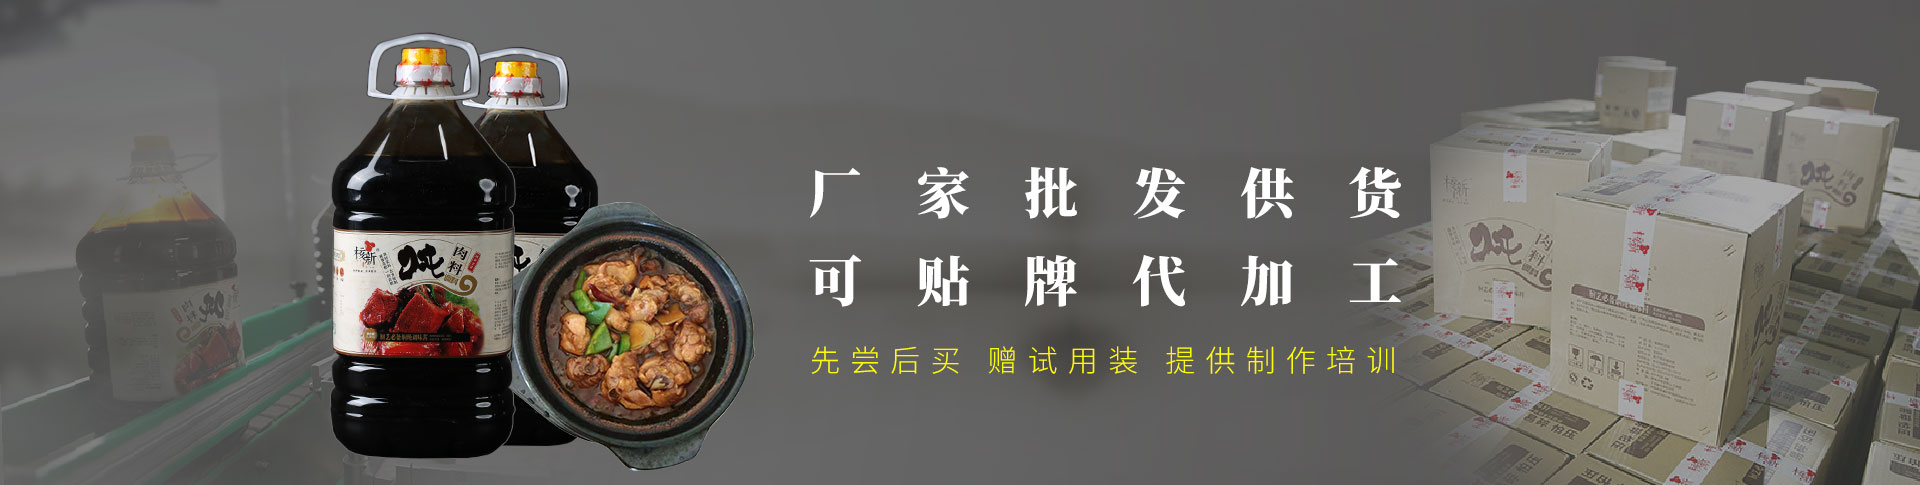 黄焖鸡米饭酱料配方